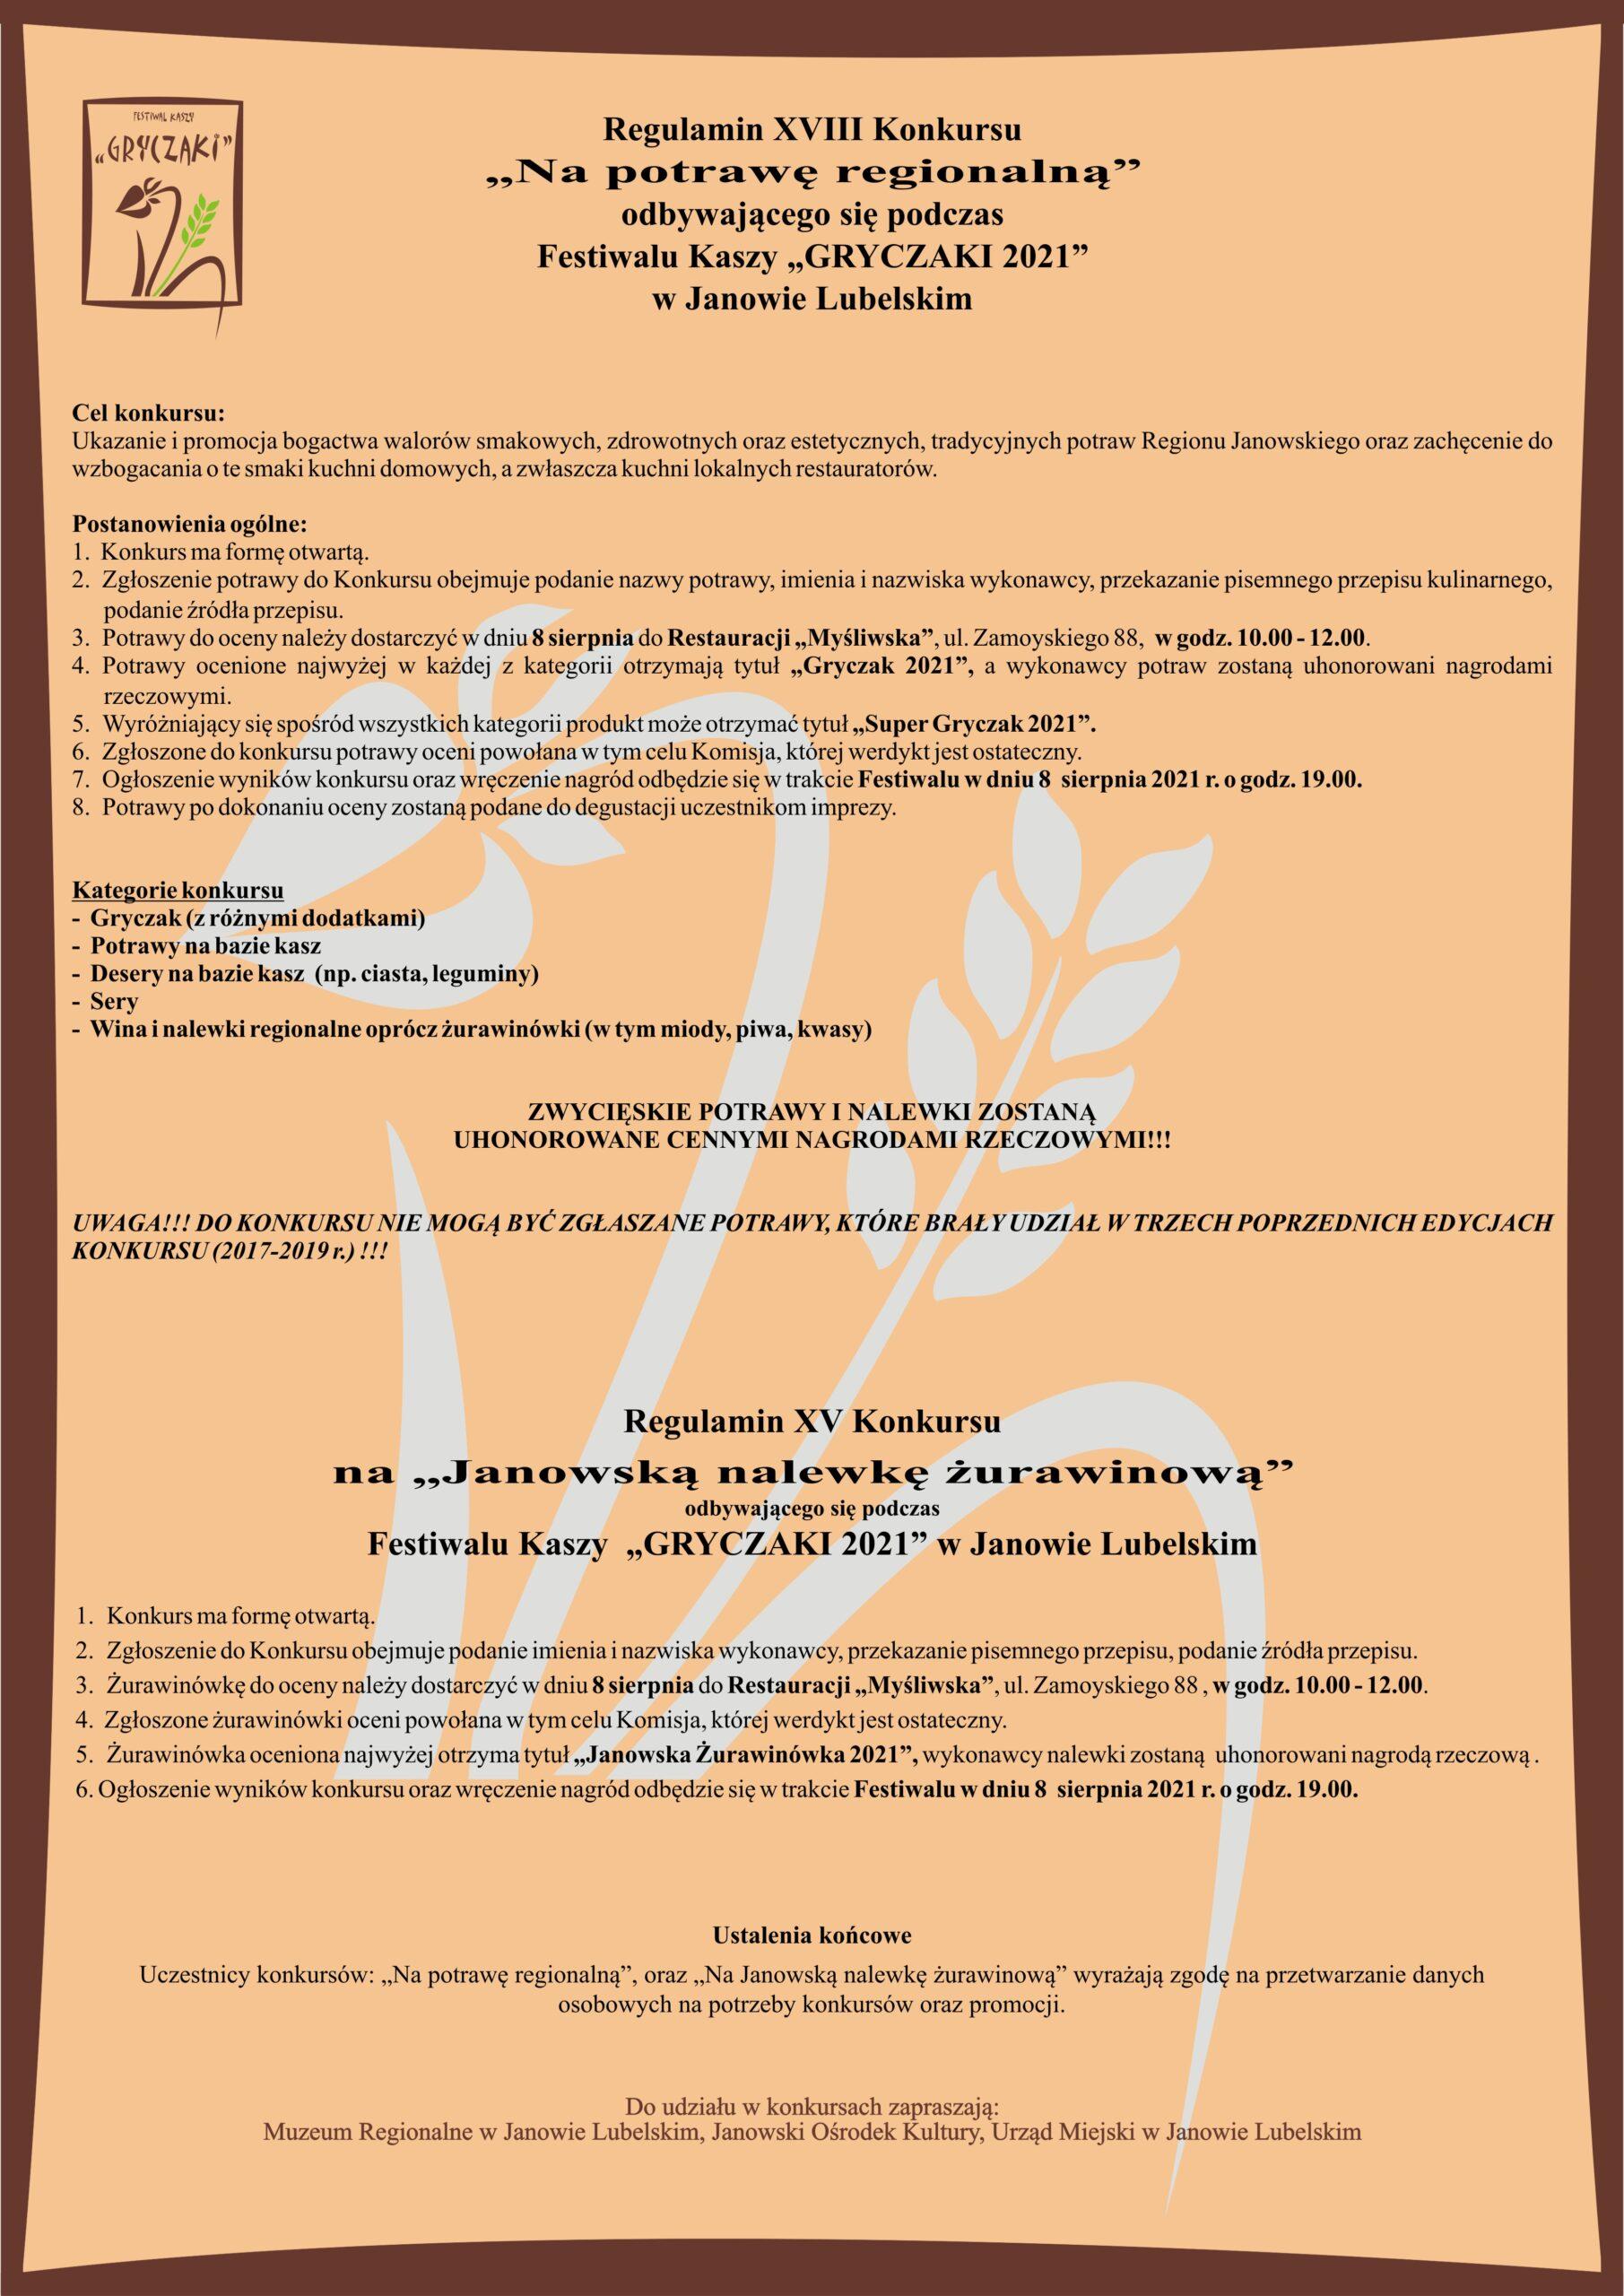 """Regulamin XVIII konkursu """"Na potrawę regionalną"""" odbywającego się podczas Festiwalu Kaszy """"GRYCZAKI 2021"""" w Janowie Lubelskim"""